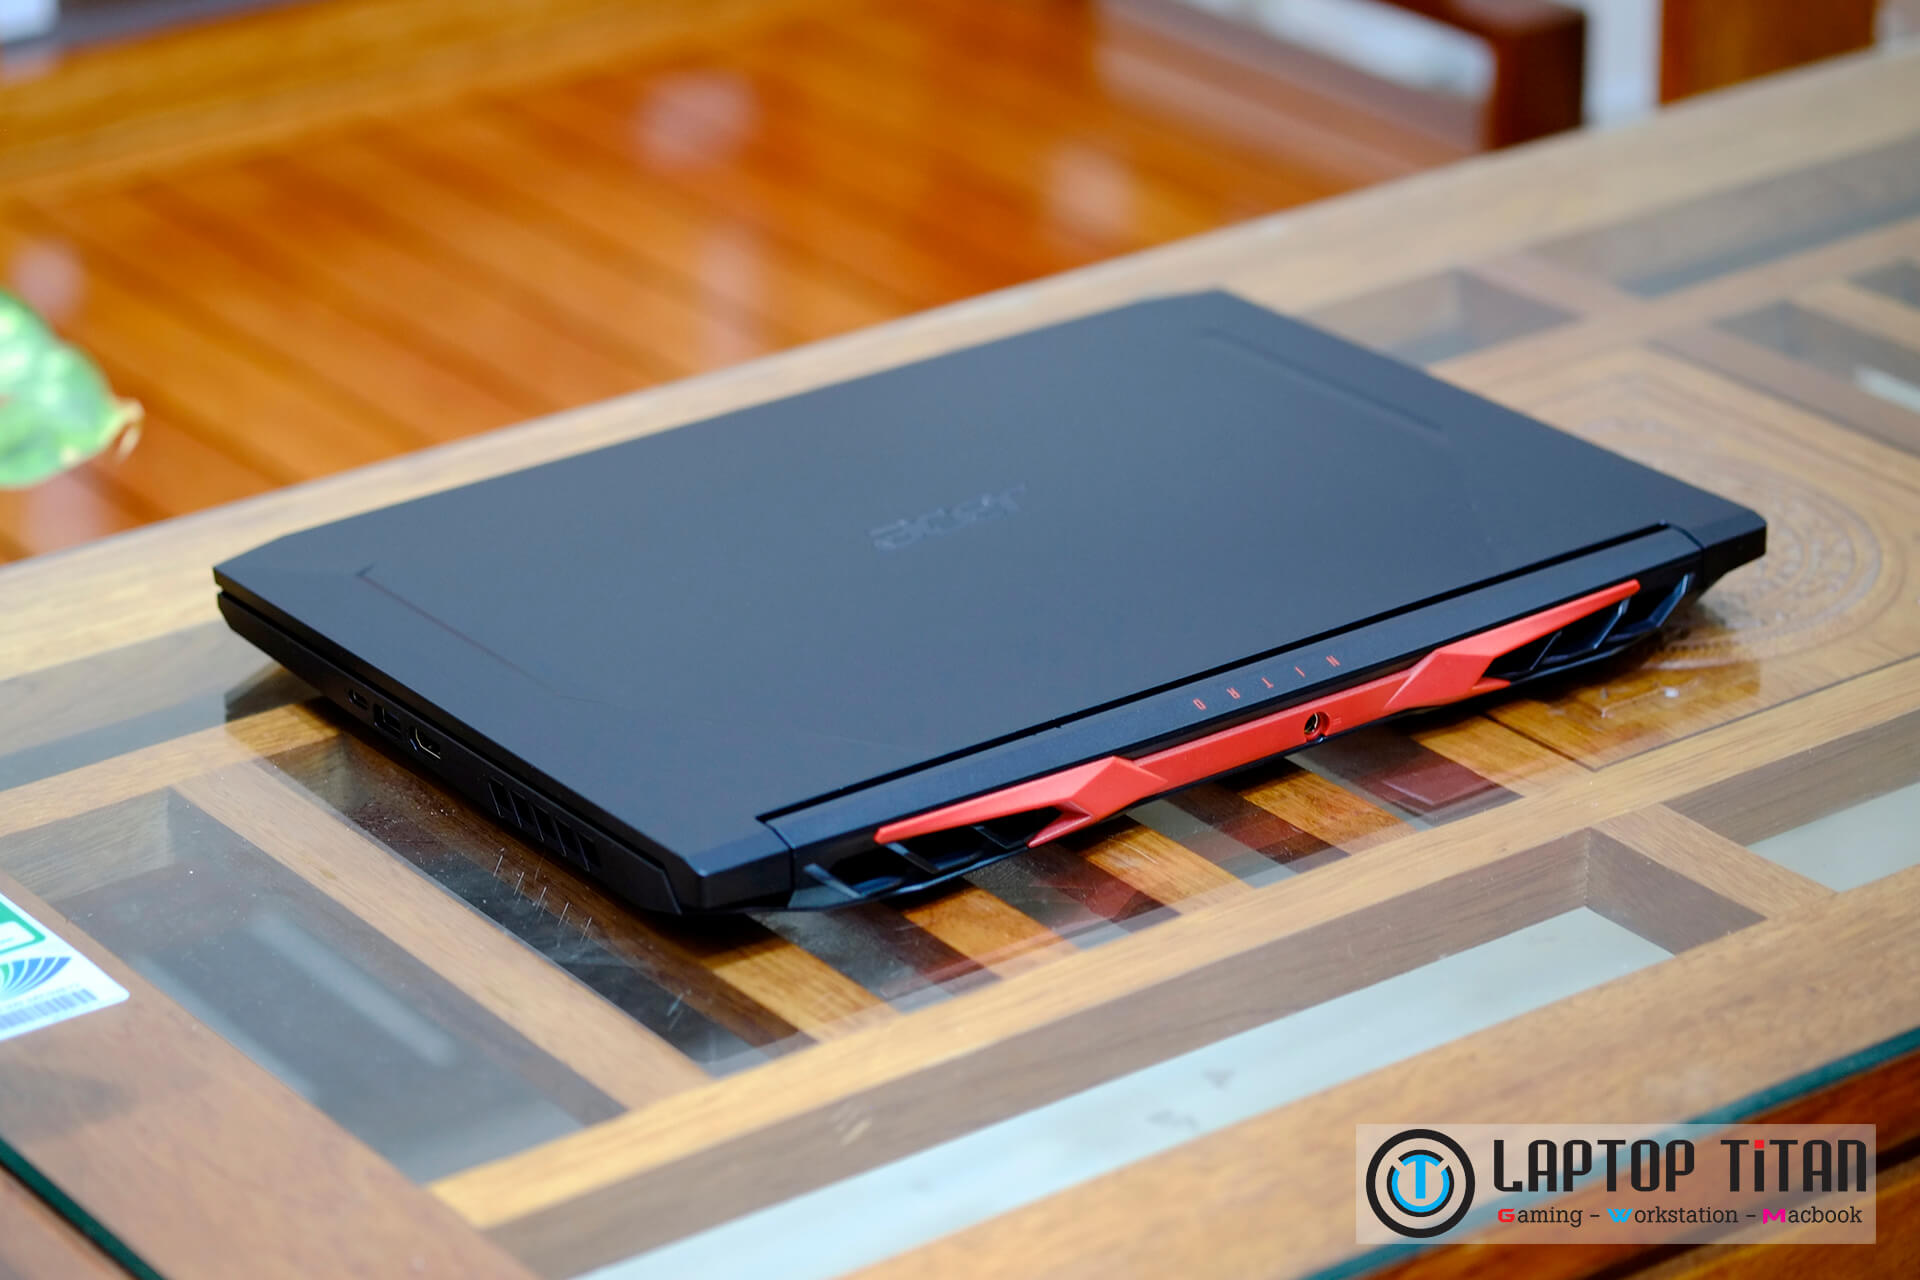 Acer Nitro 5 2020 6